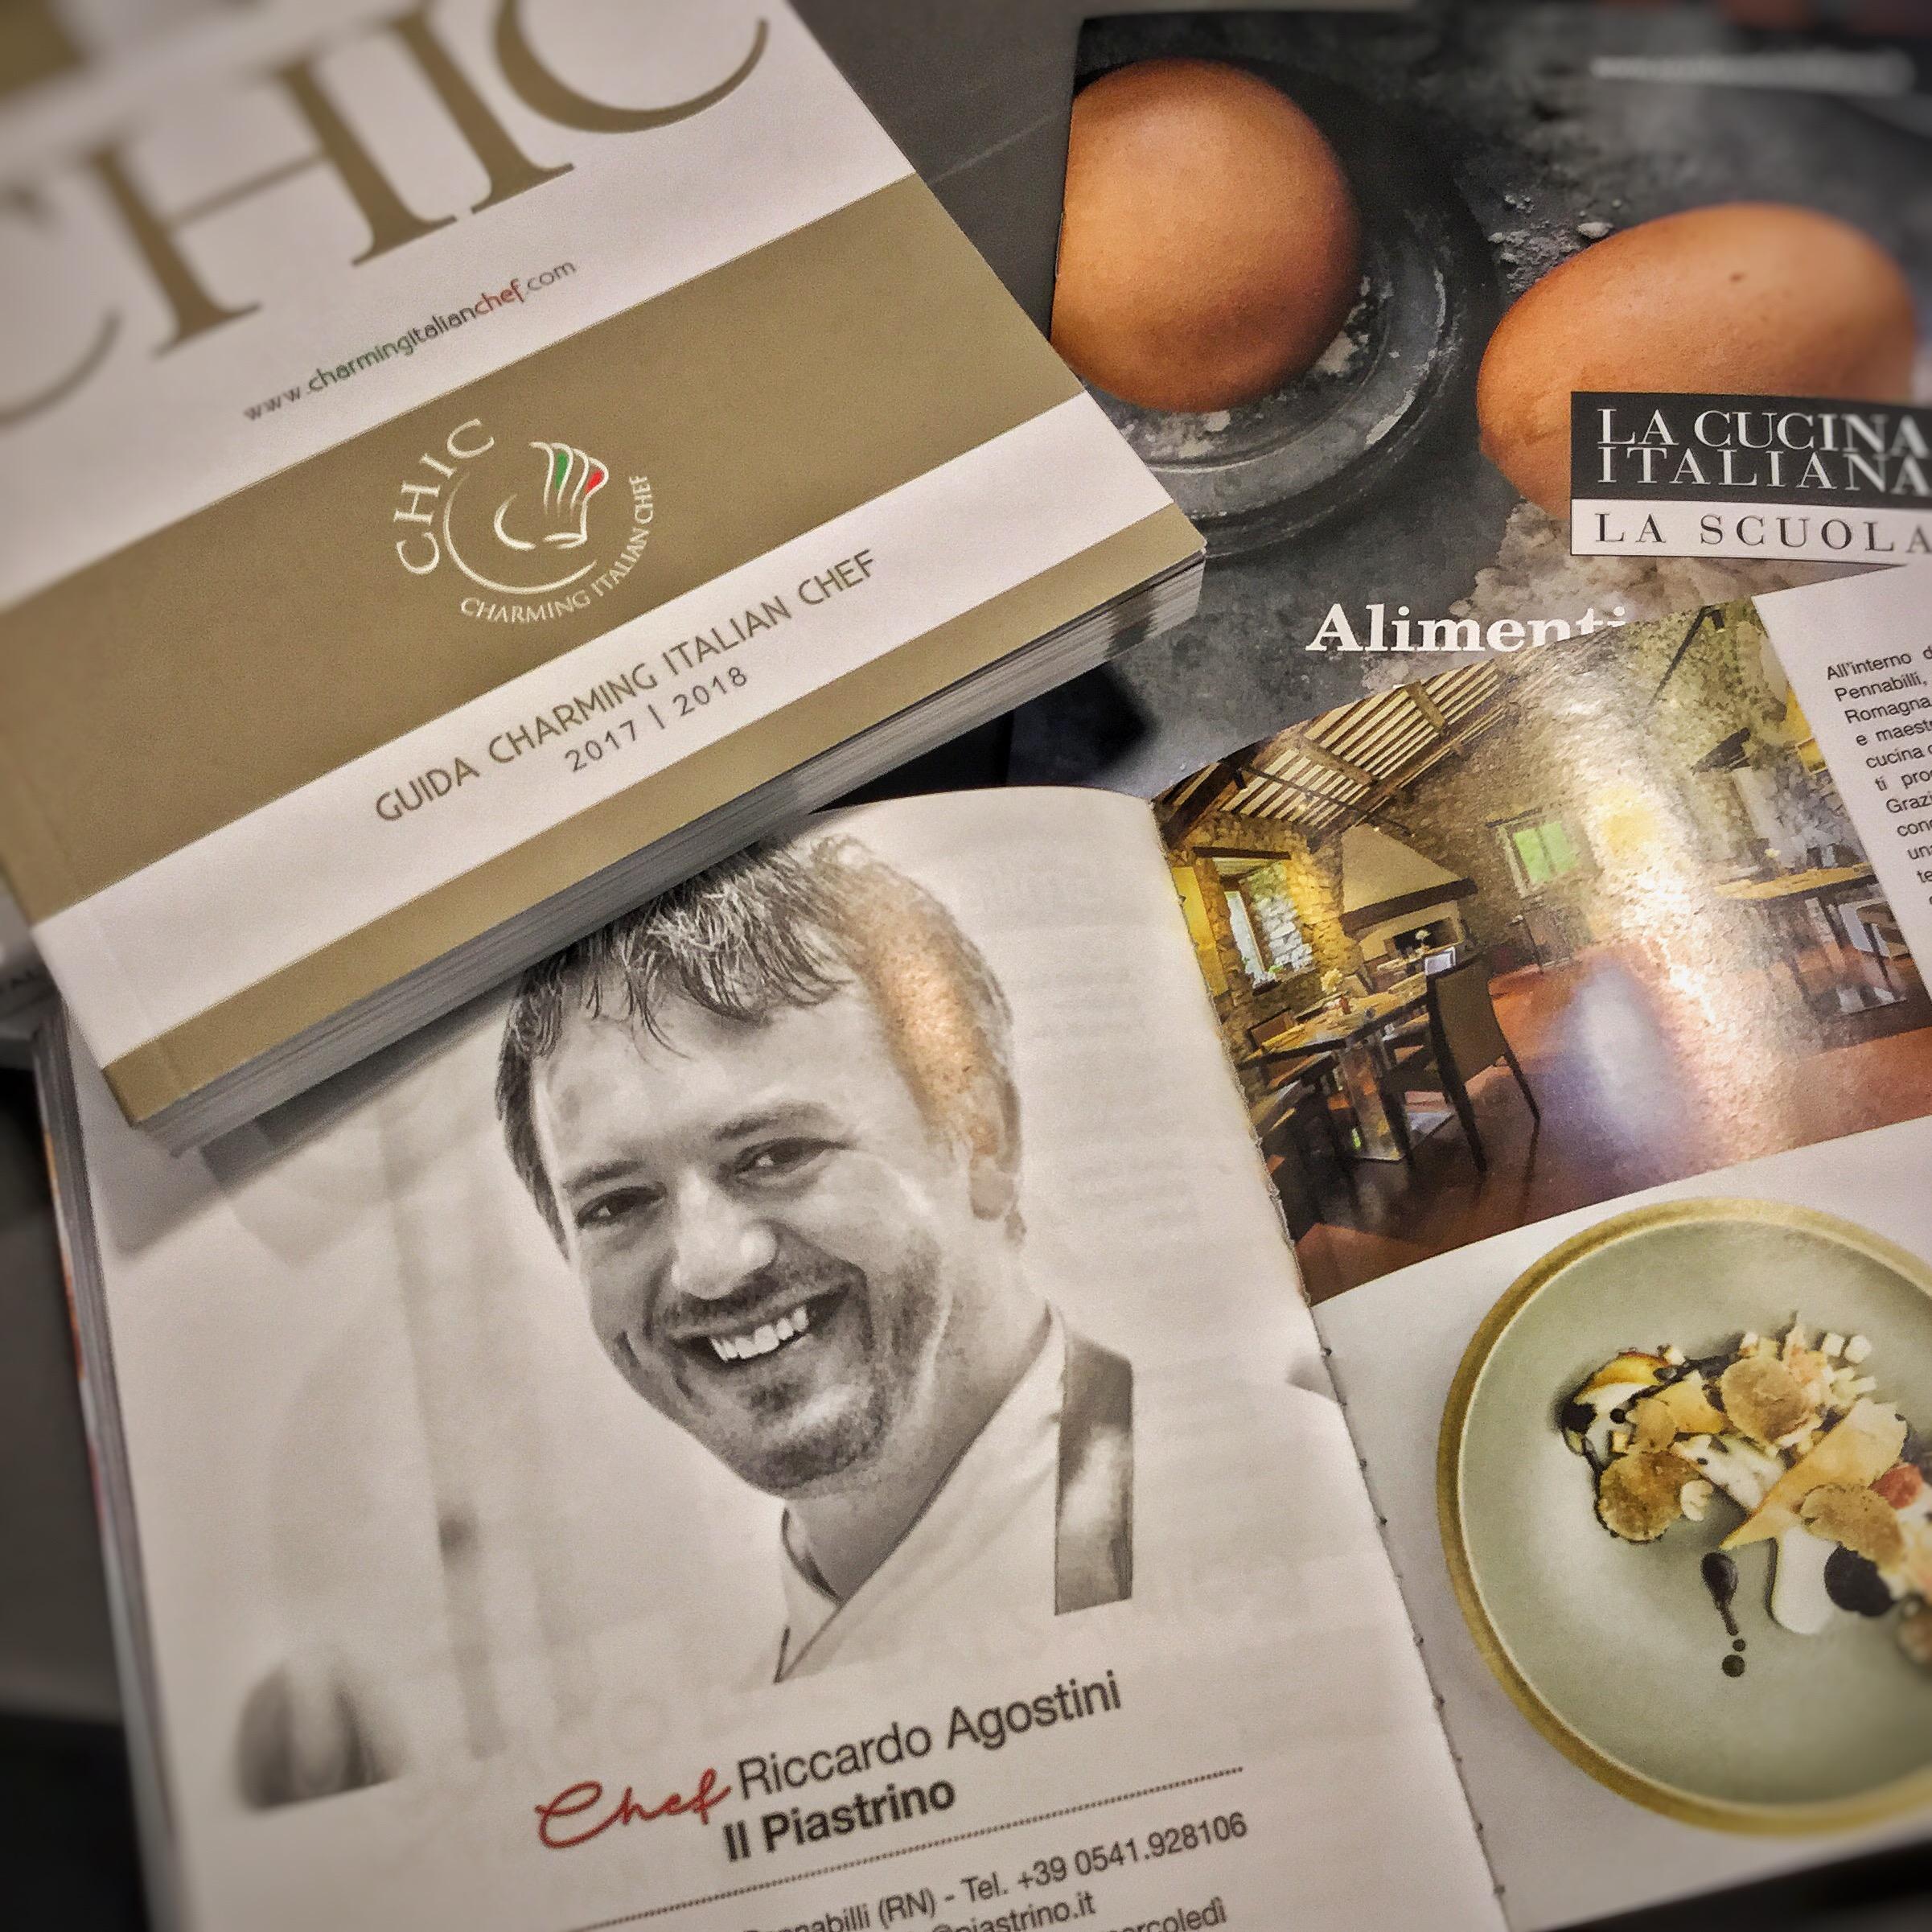 In cucina con lo chef - un viaggio tra i sapori con Charming Italian Chef e L Scuola de La Cucina Italiana